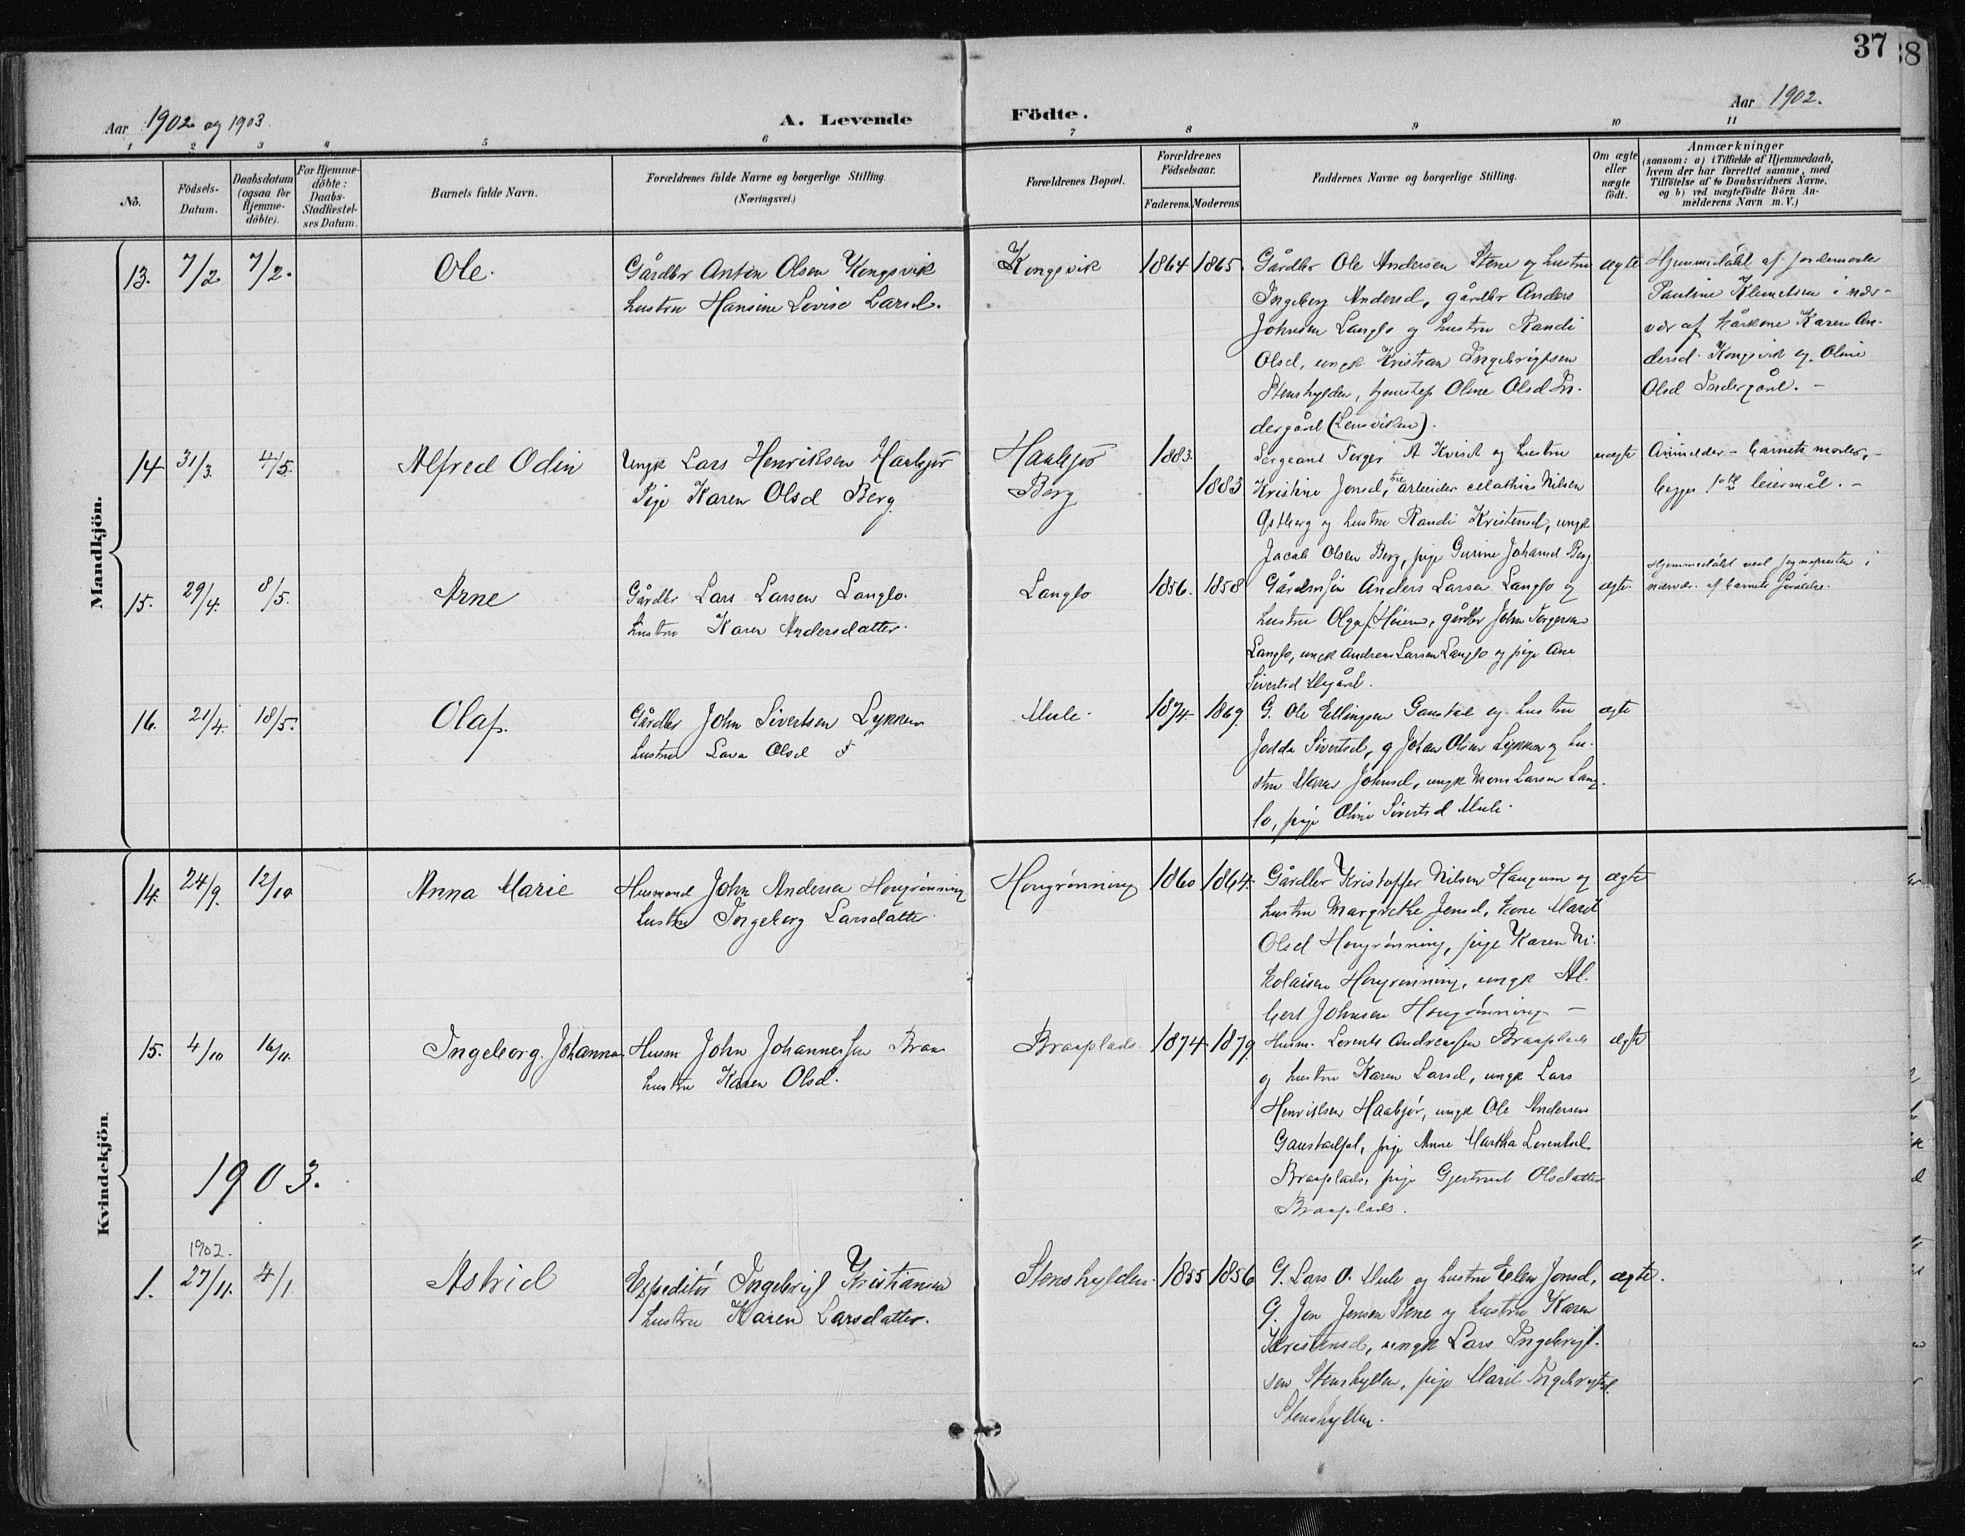 SAT, Ministerialprotokoller, klokkerbøker og fødselsregistre - Sør-Trøndelag, 612/L0380: Ministerialbok nr. 612A12, 1898-1907, s. 37